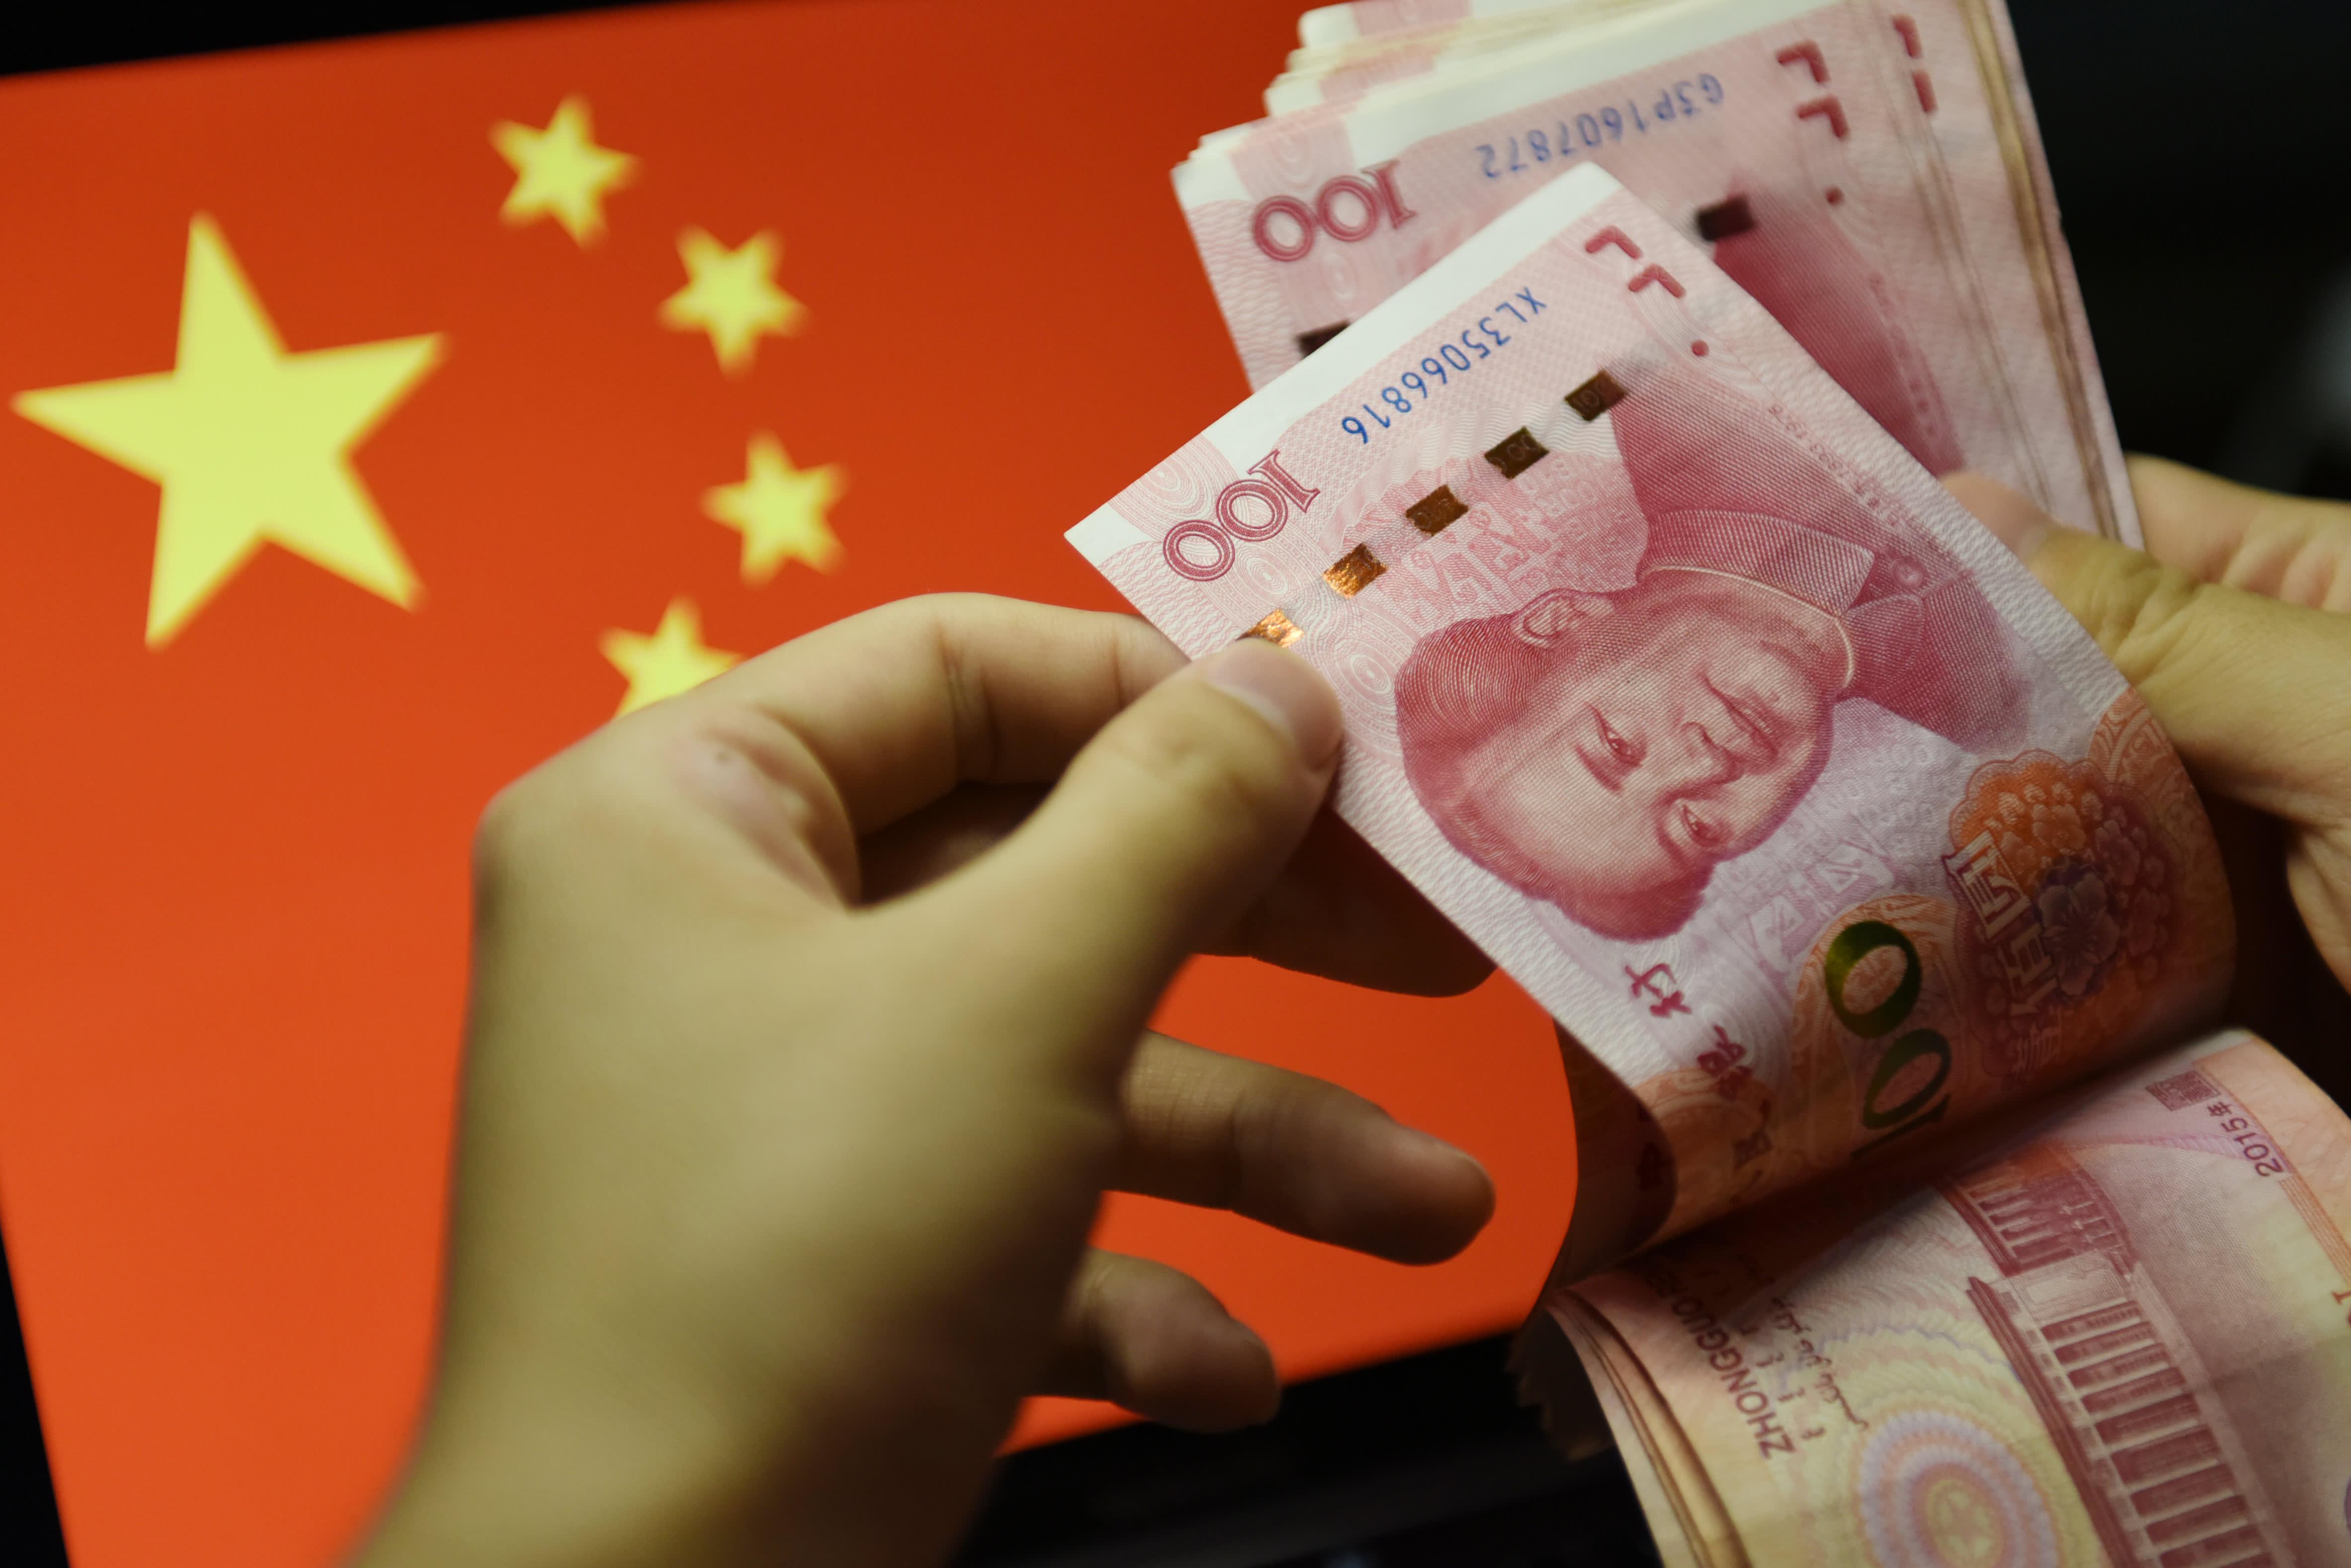 Nhiều người hoài nghi khả năng thực hiện tham vọng quốc tế hóa đồng Nhân dân tệ của Trung Quốc - Ảnh: Getty Images